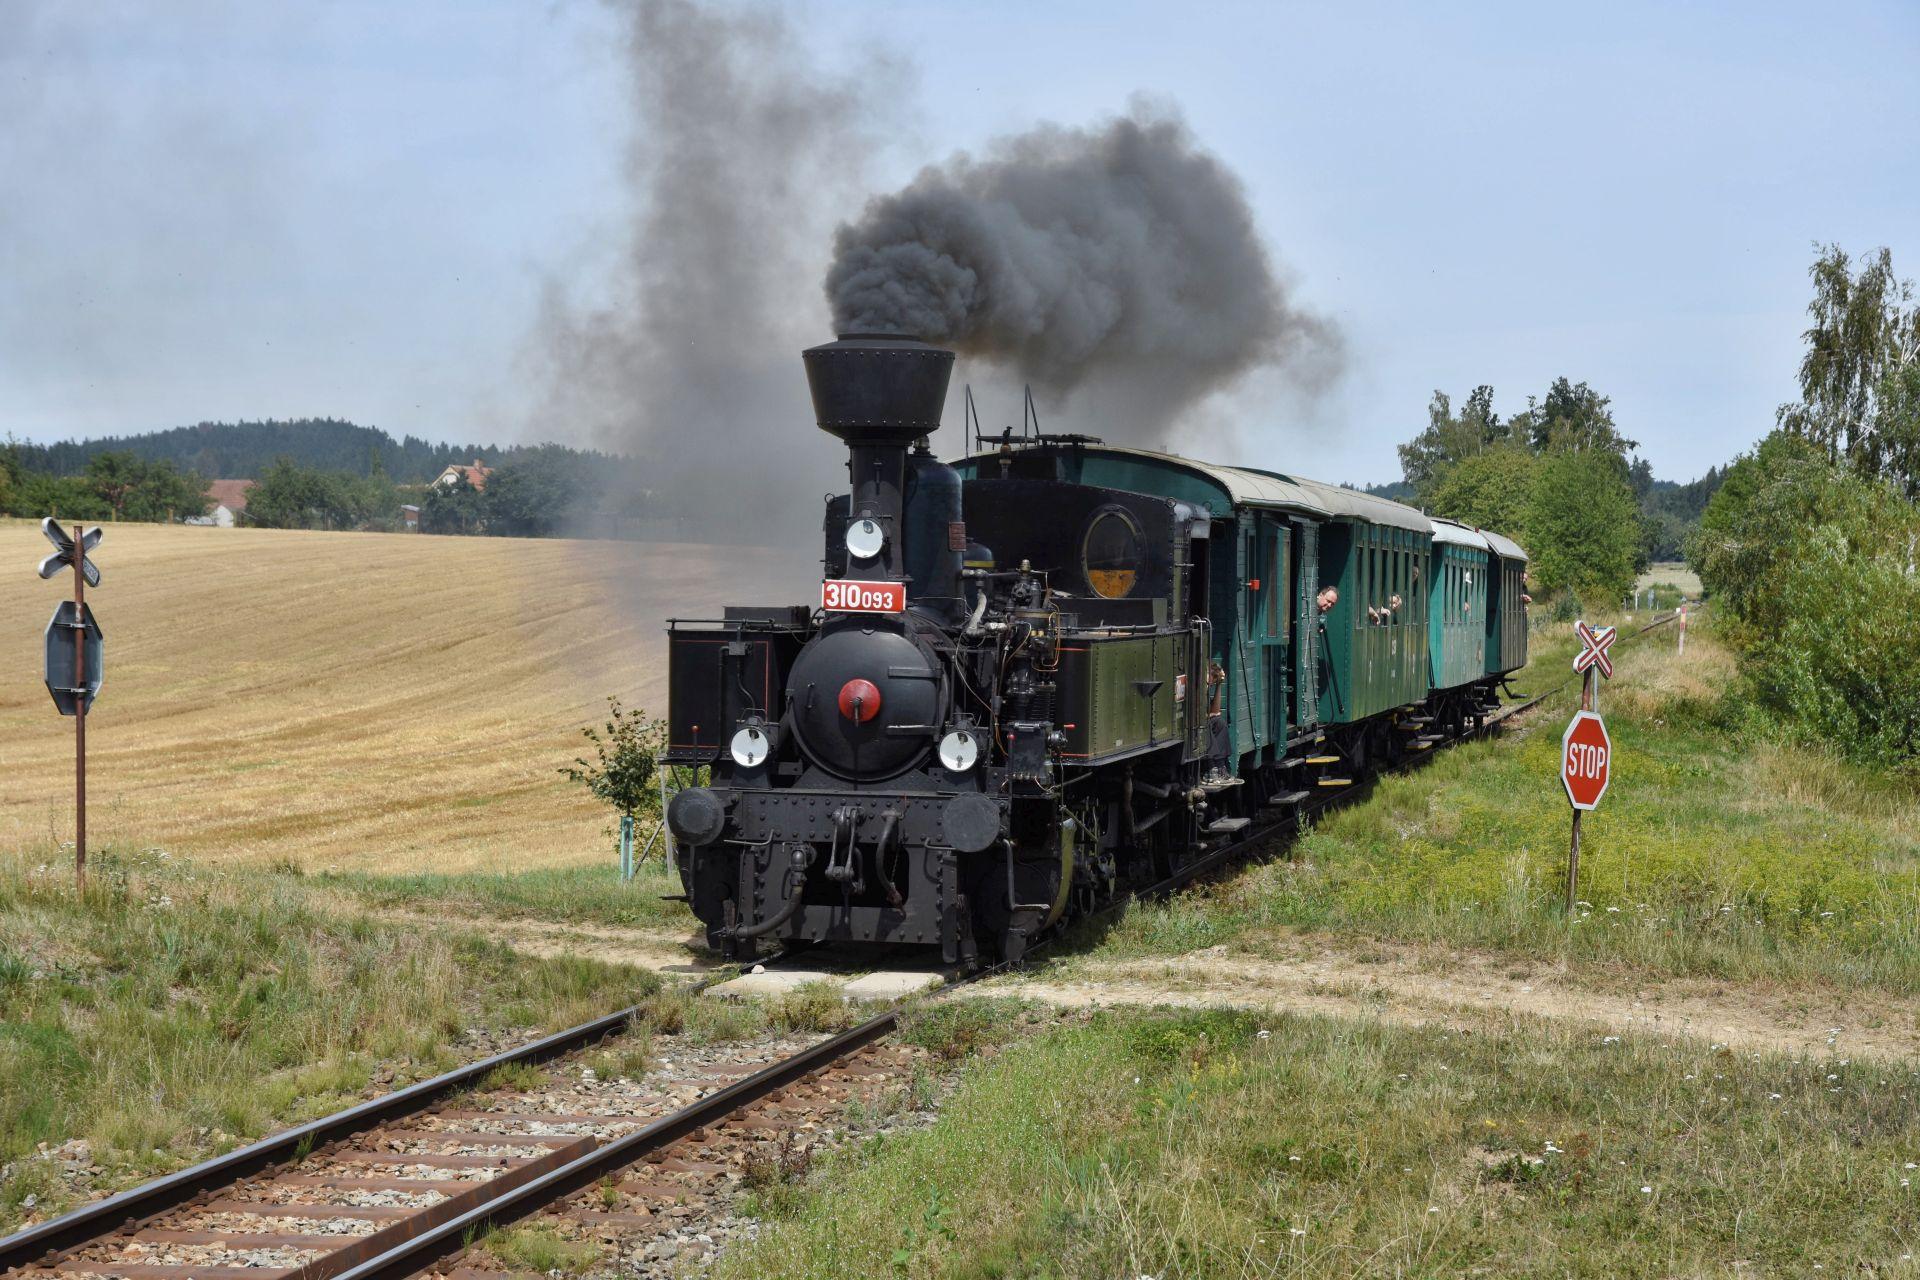 Parní lokomotiva Kafemlejnek (310.093). Pramen: České dráhy